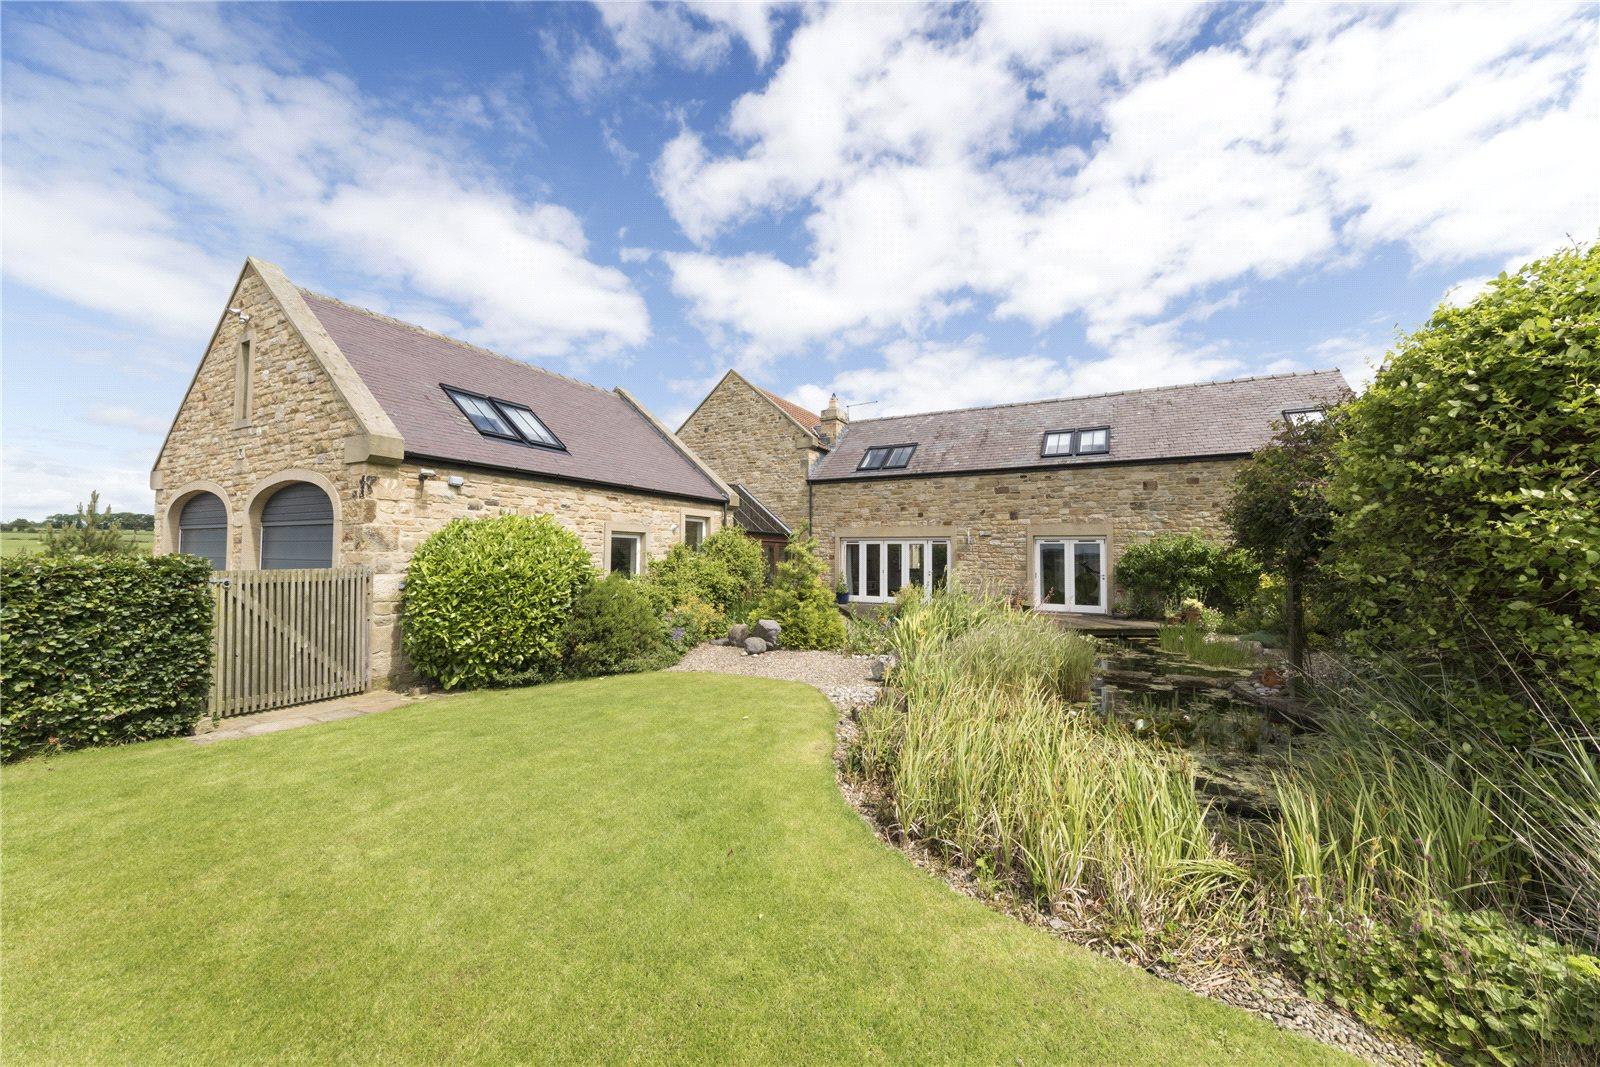 Eensgezinswoning voor Verkoop een t Whalton, Morpeth, Northumberland, NE61 Morpeth, Engeland